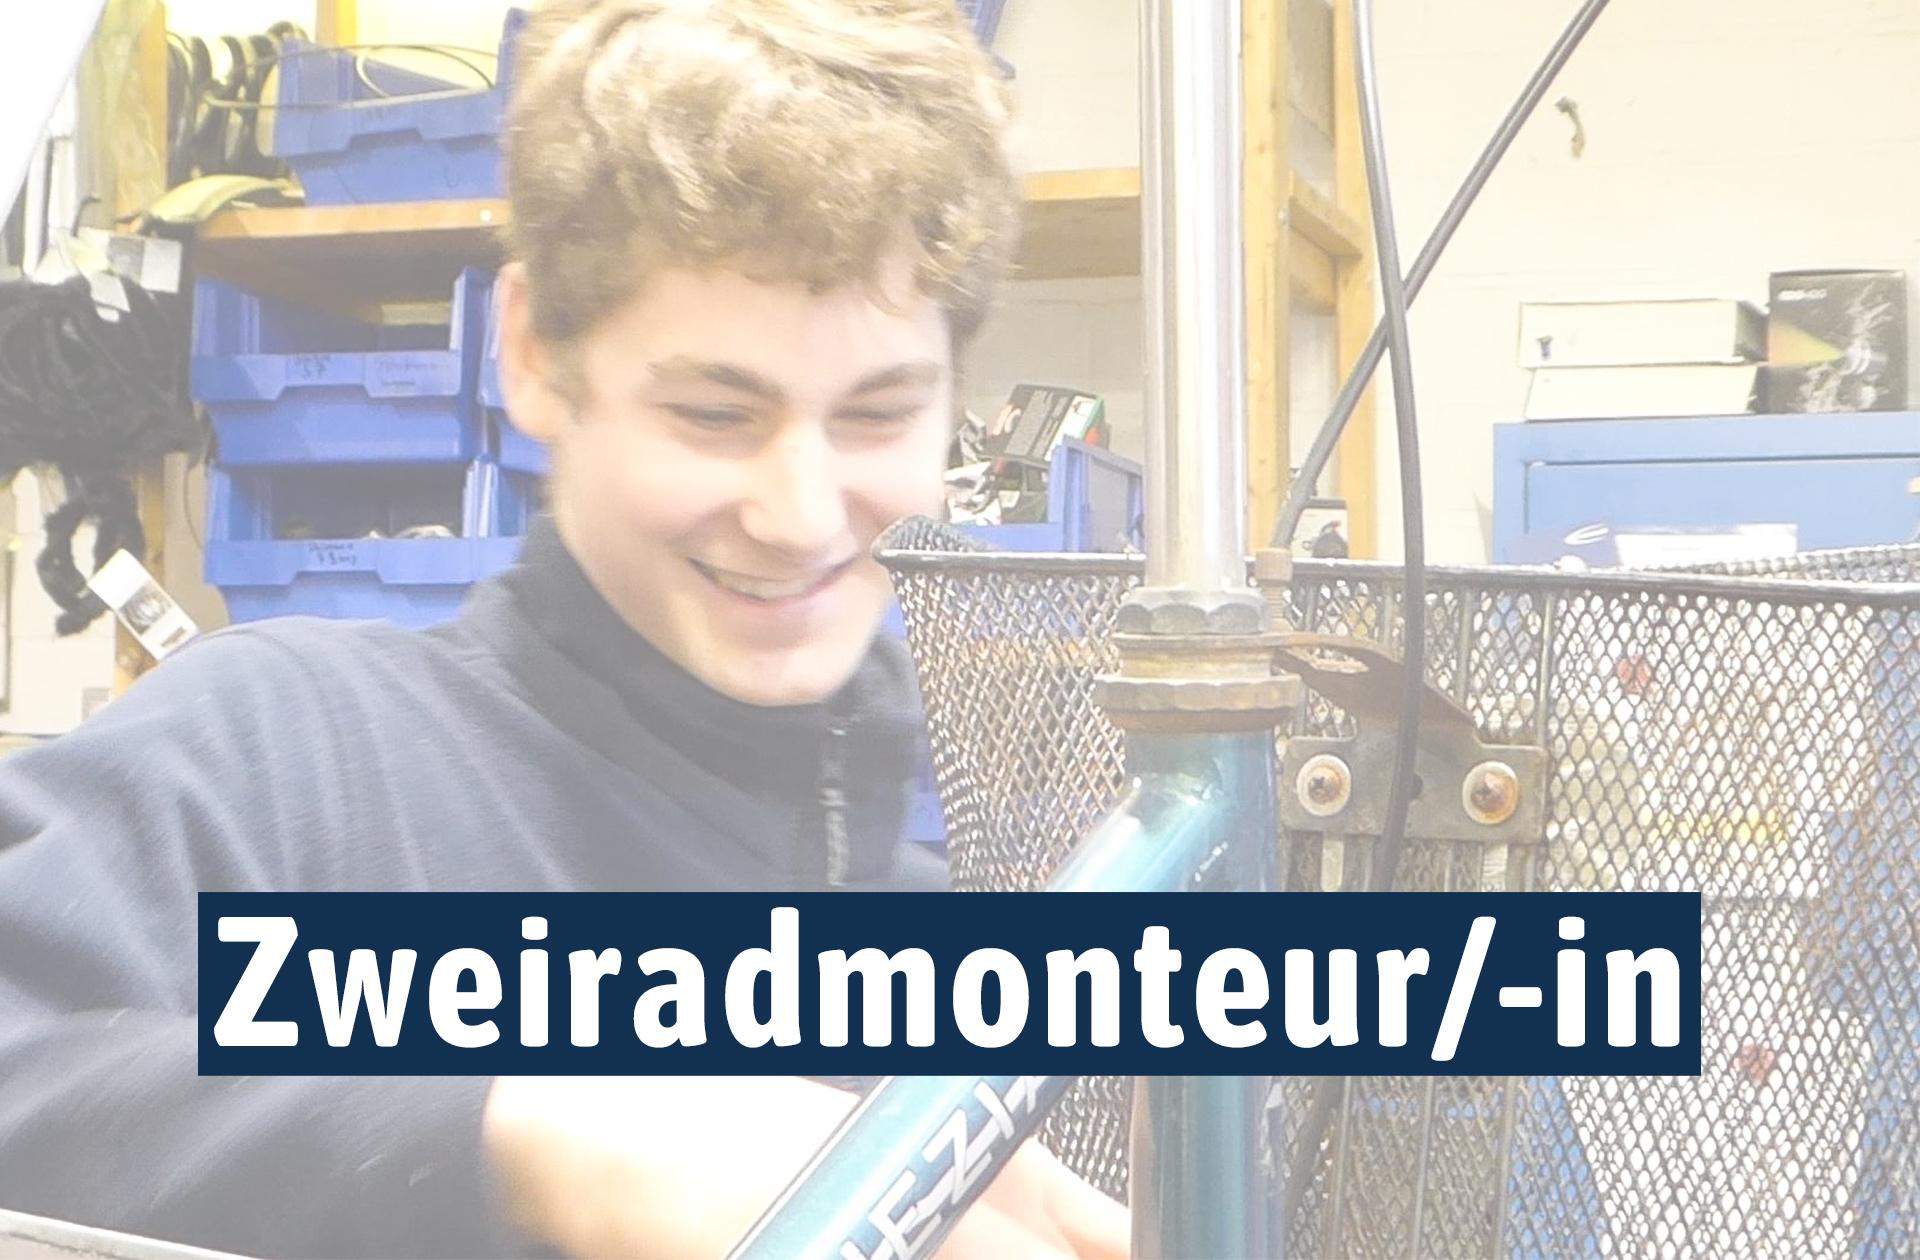 Zweiradmonteur.jpg – AG